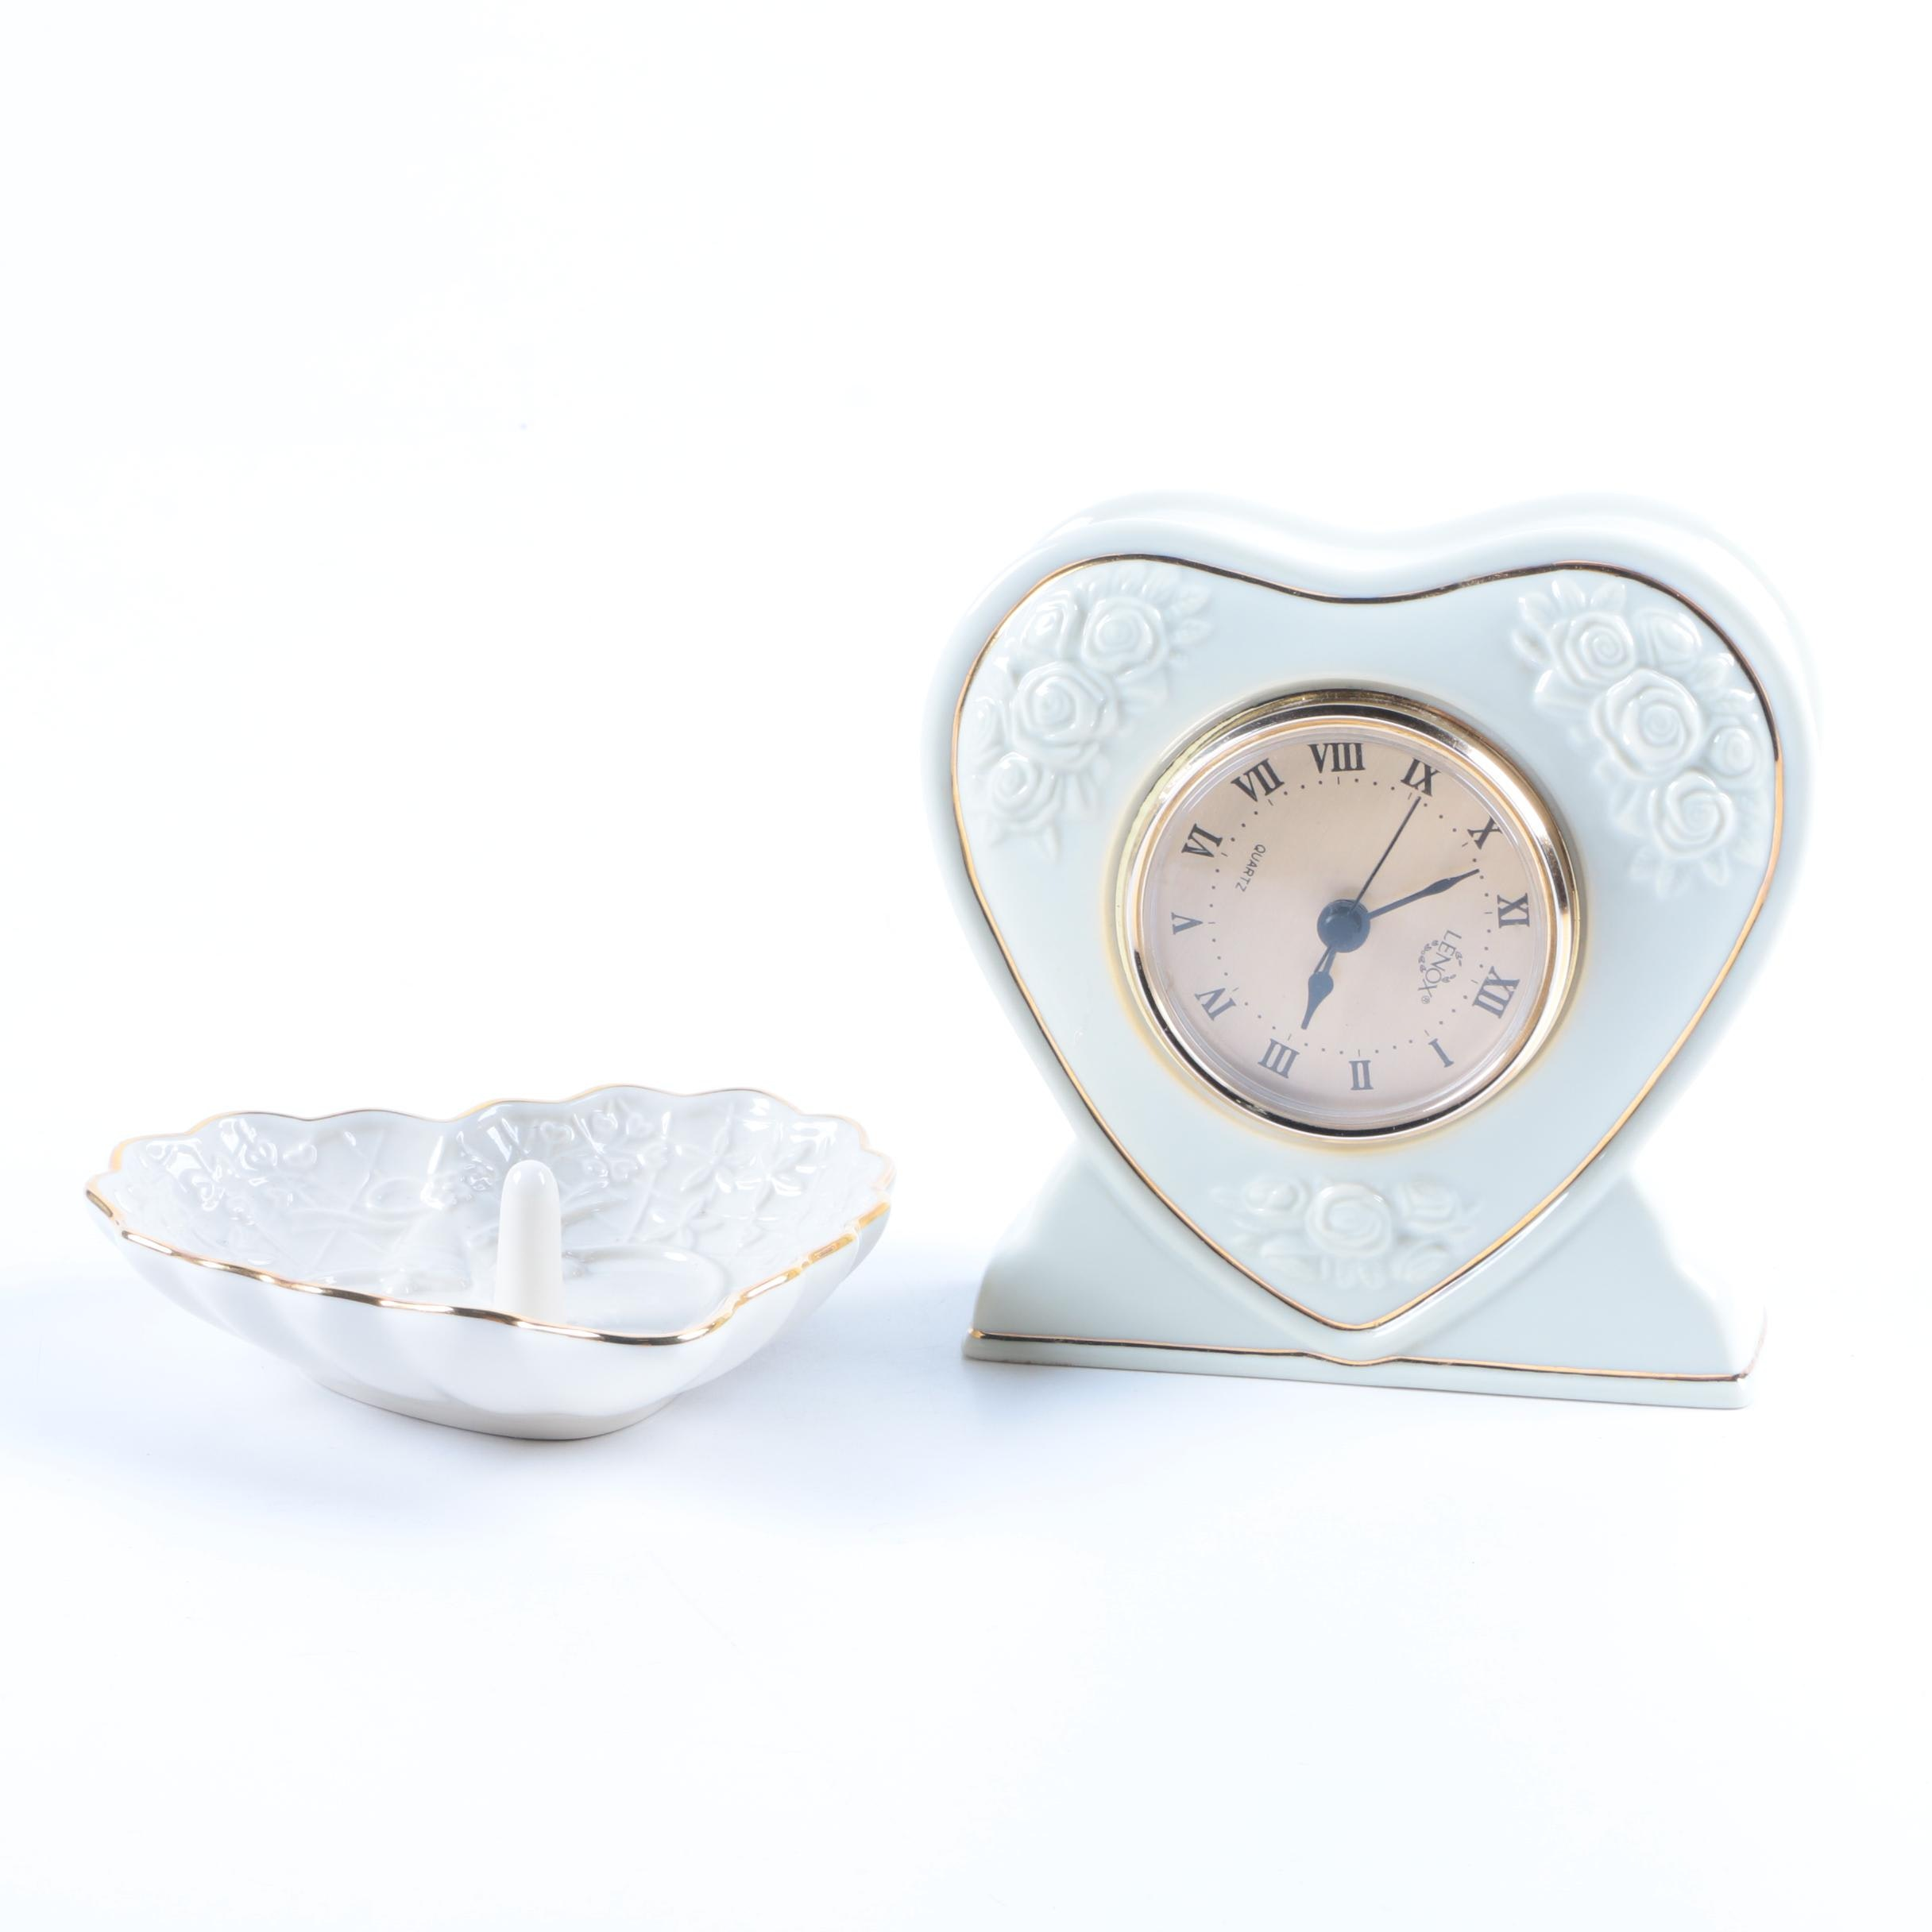 Lenox Ceramic Heart Clock and Decor